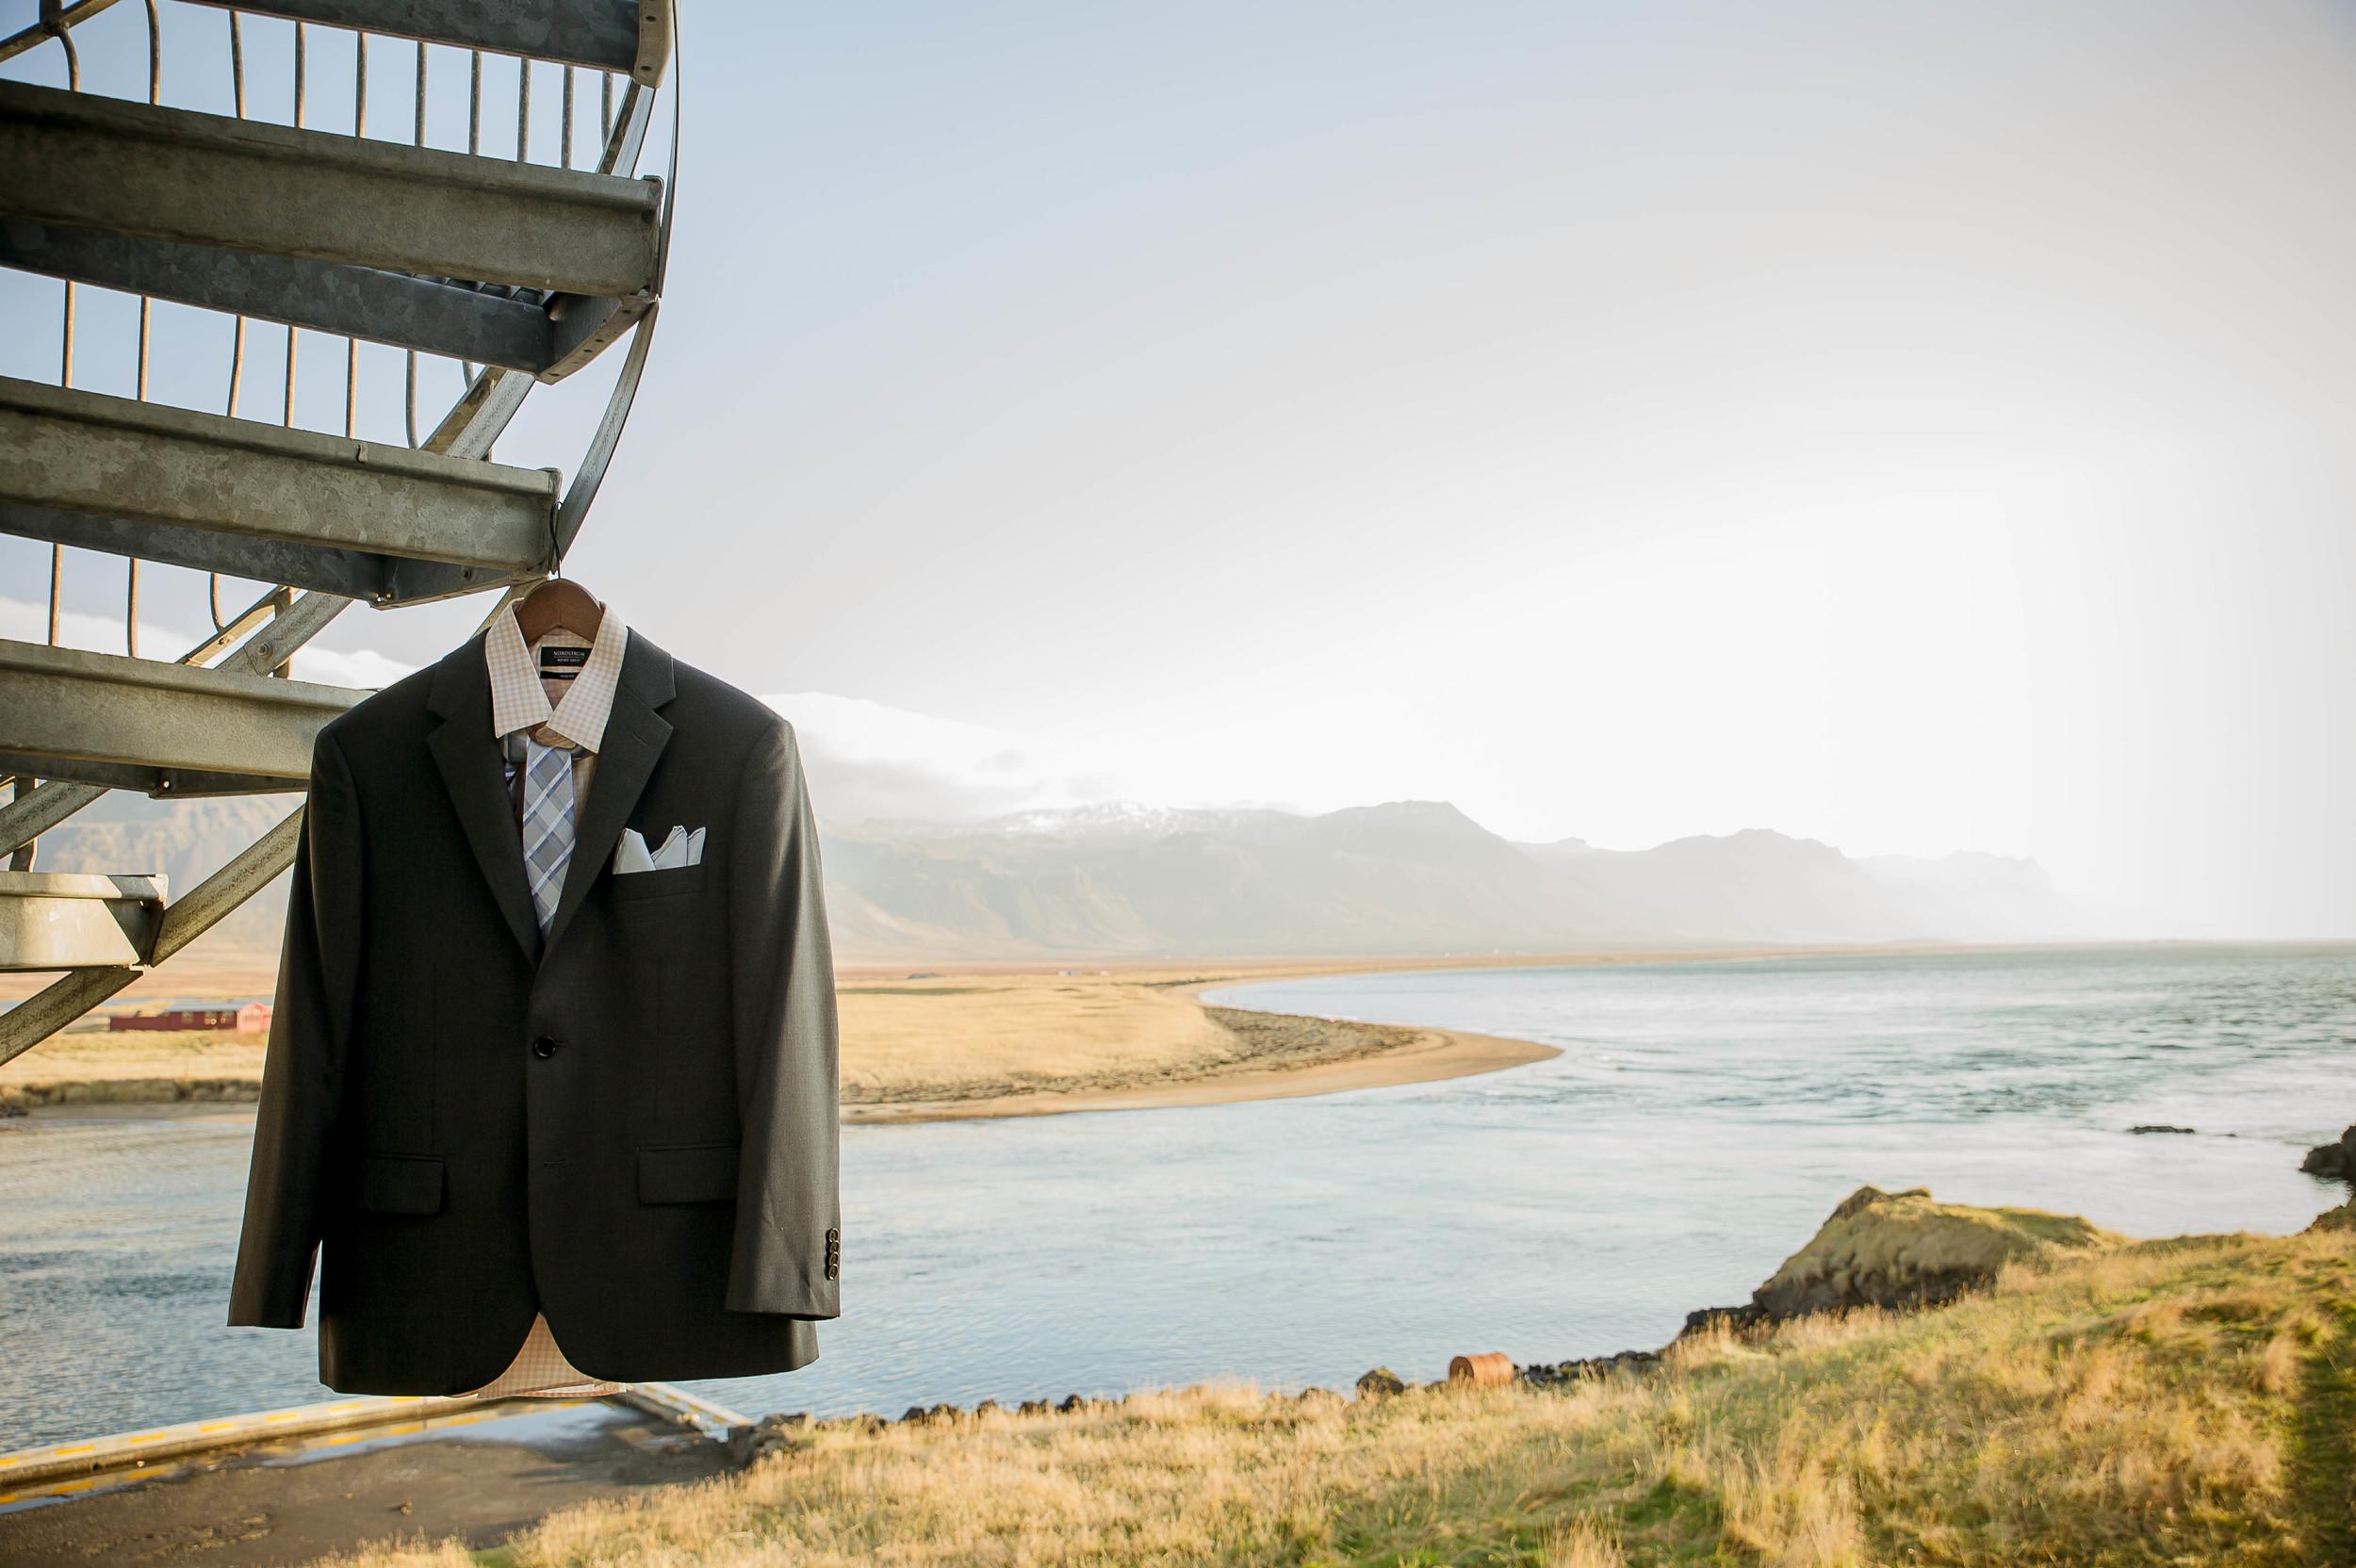 Iceland-Wedding-Photographer-Photos-by-Miss-Ann-3.jpg